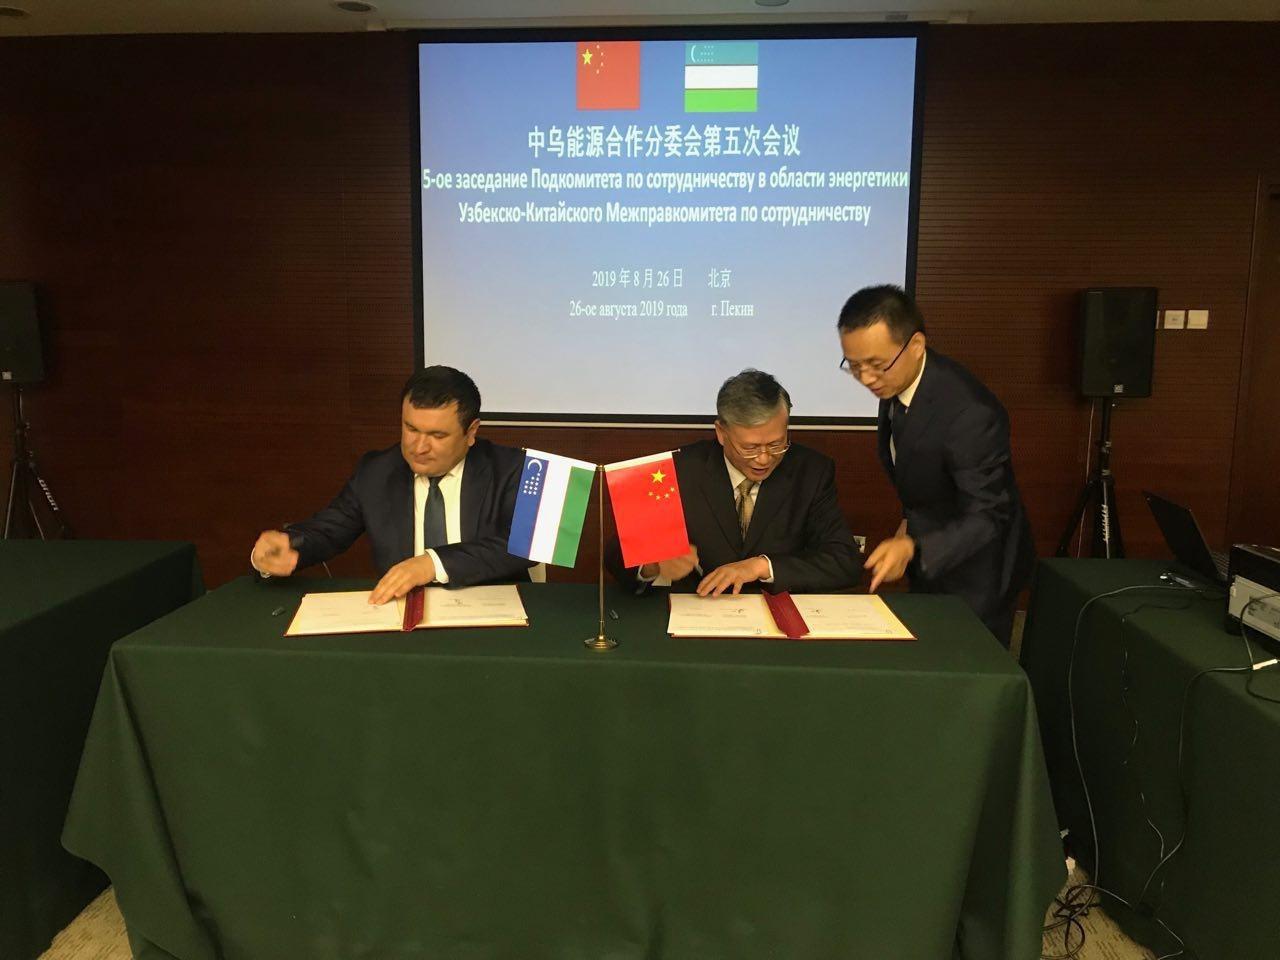 Узбекистан и Китай реализуют экологический проект по выработке электроэнергии путем сжигания бытовых отходов